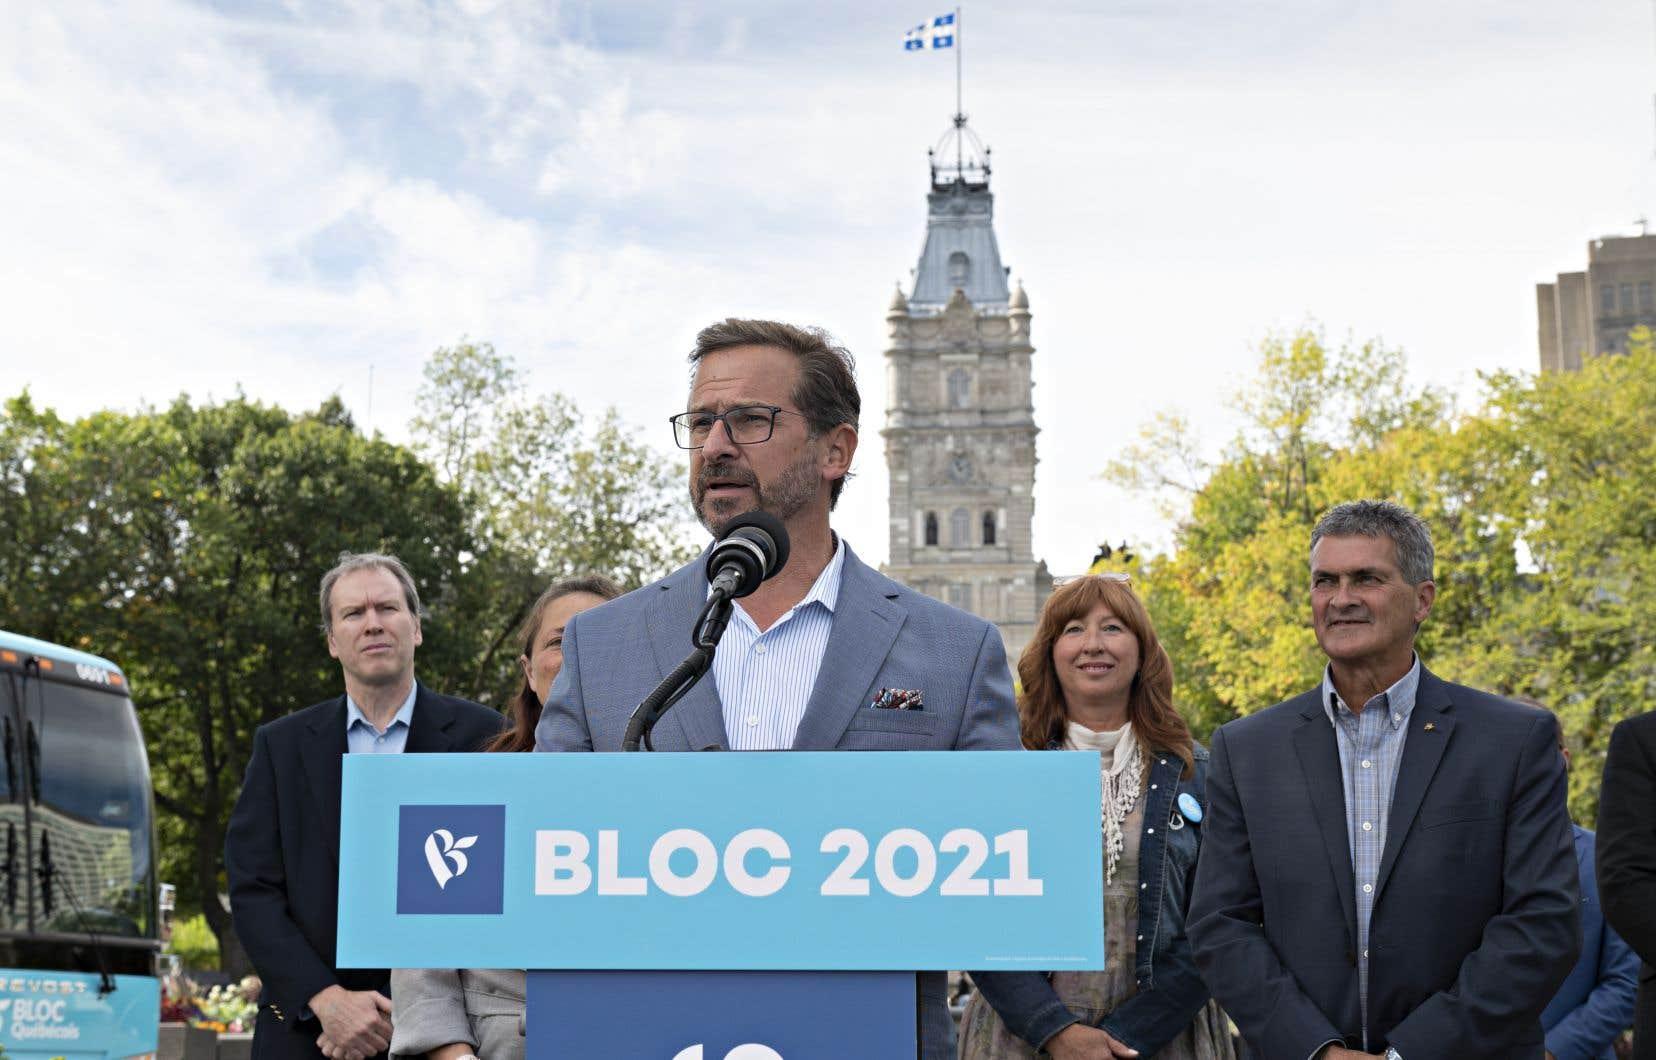 En conférence de presse samedi à Québec, le chef bloquiste a estimé que certains des quatre chefs des grands partis jouent leur avenir politique.